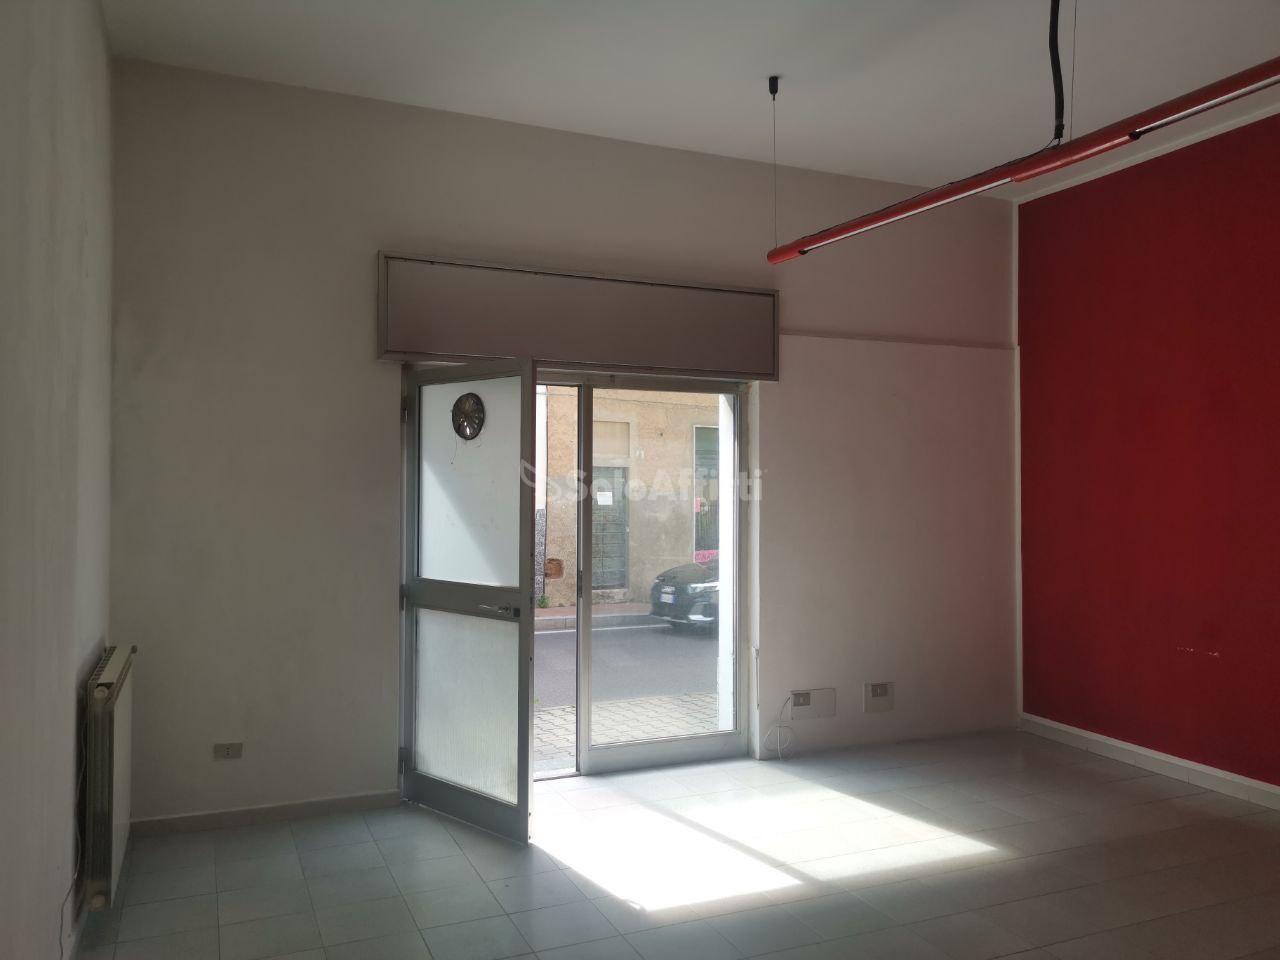 Ufficio / Studio in affitto a Gerenzano, 1 locali, prezzo € 430 | PortaleAgenzieImmobiliari.it